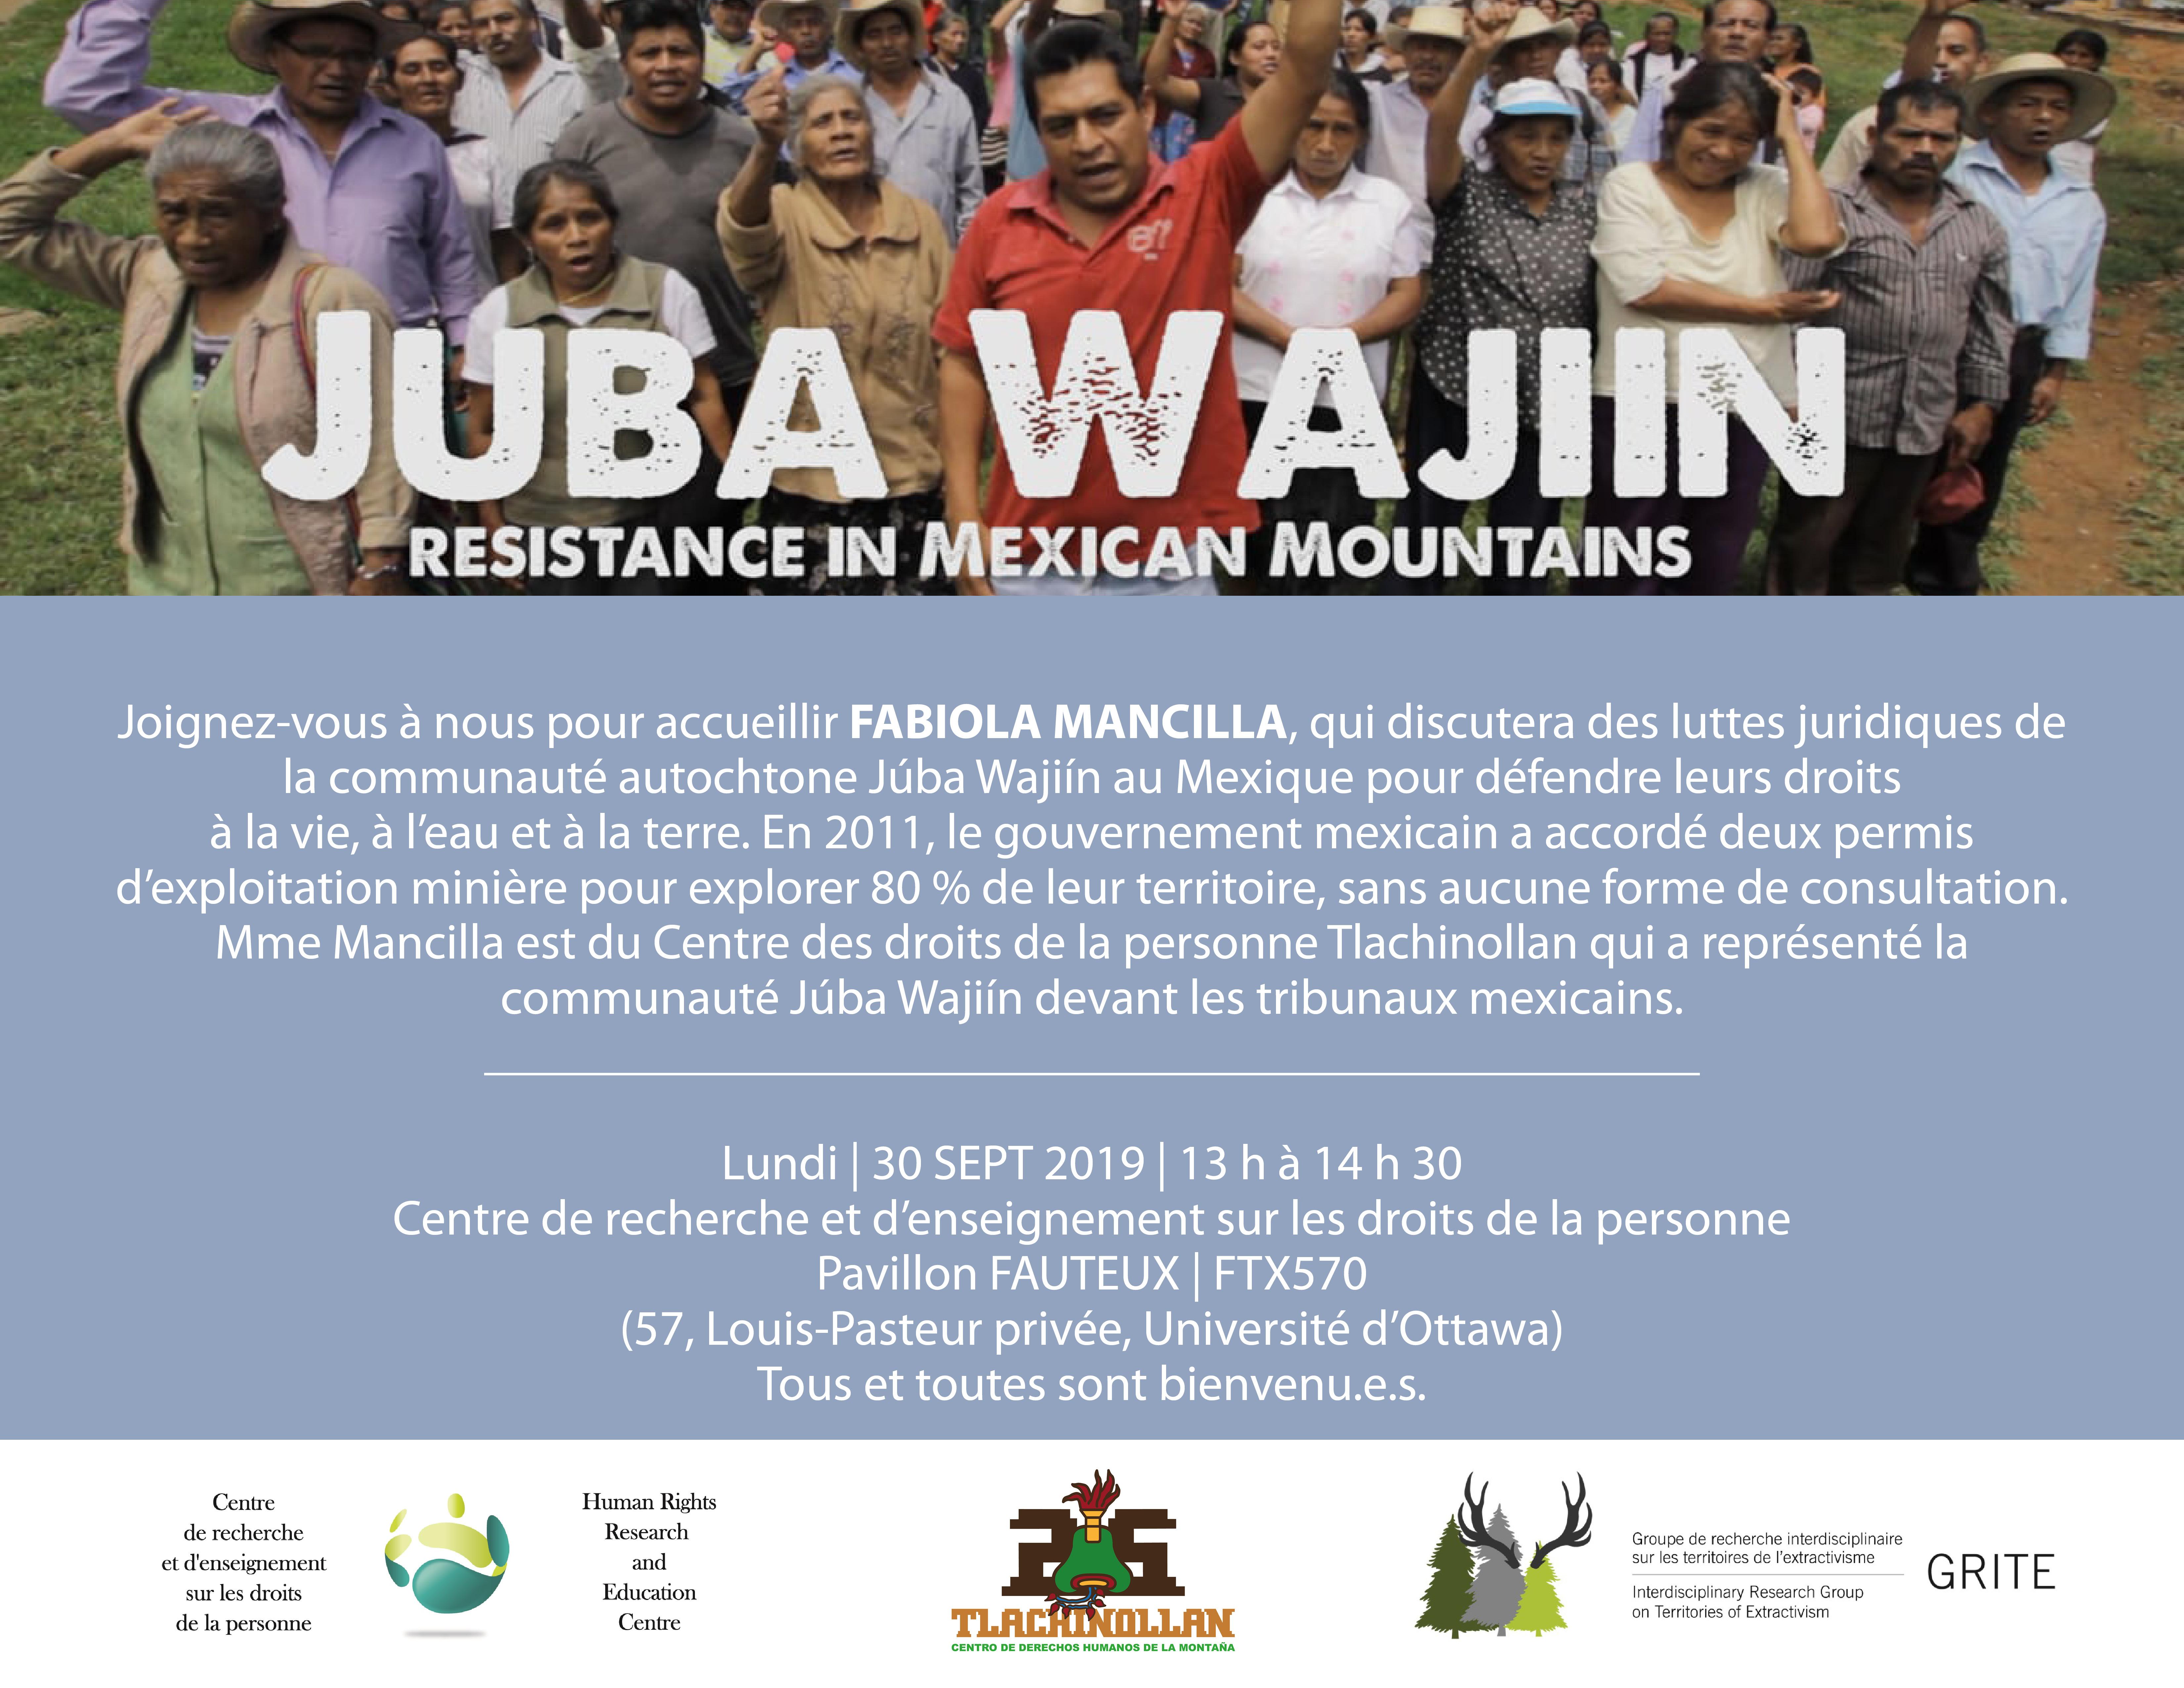 Résistance dans les montagnes mexicaines